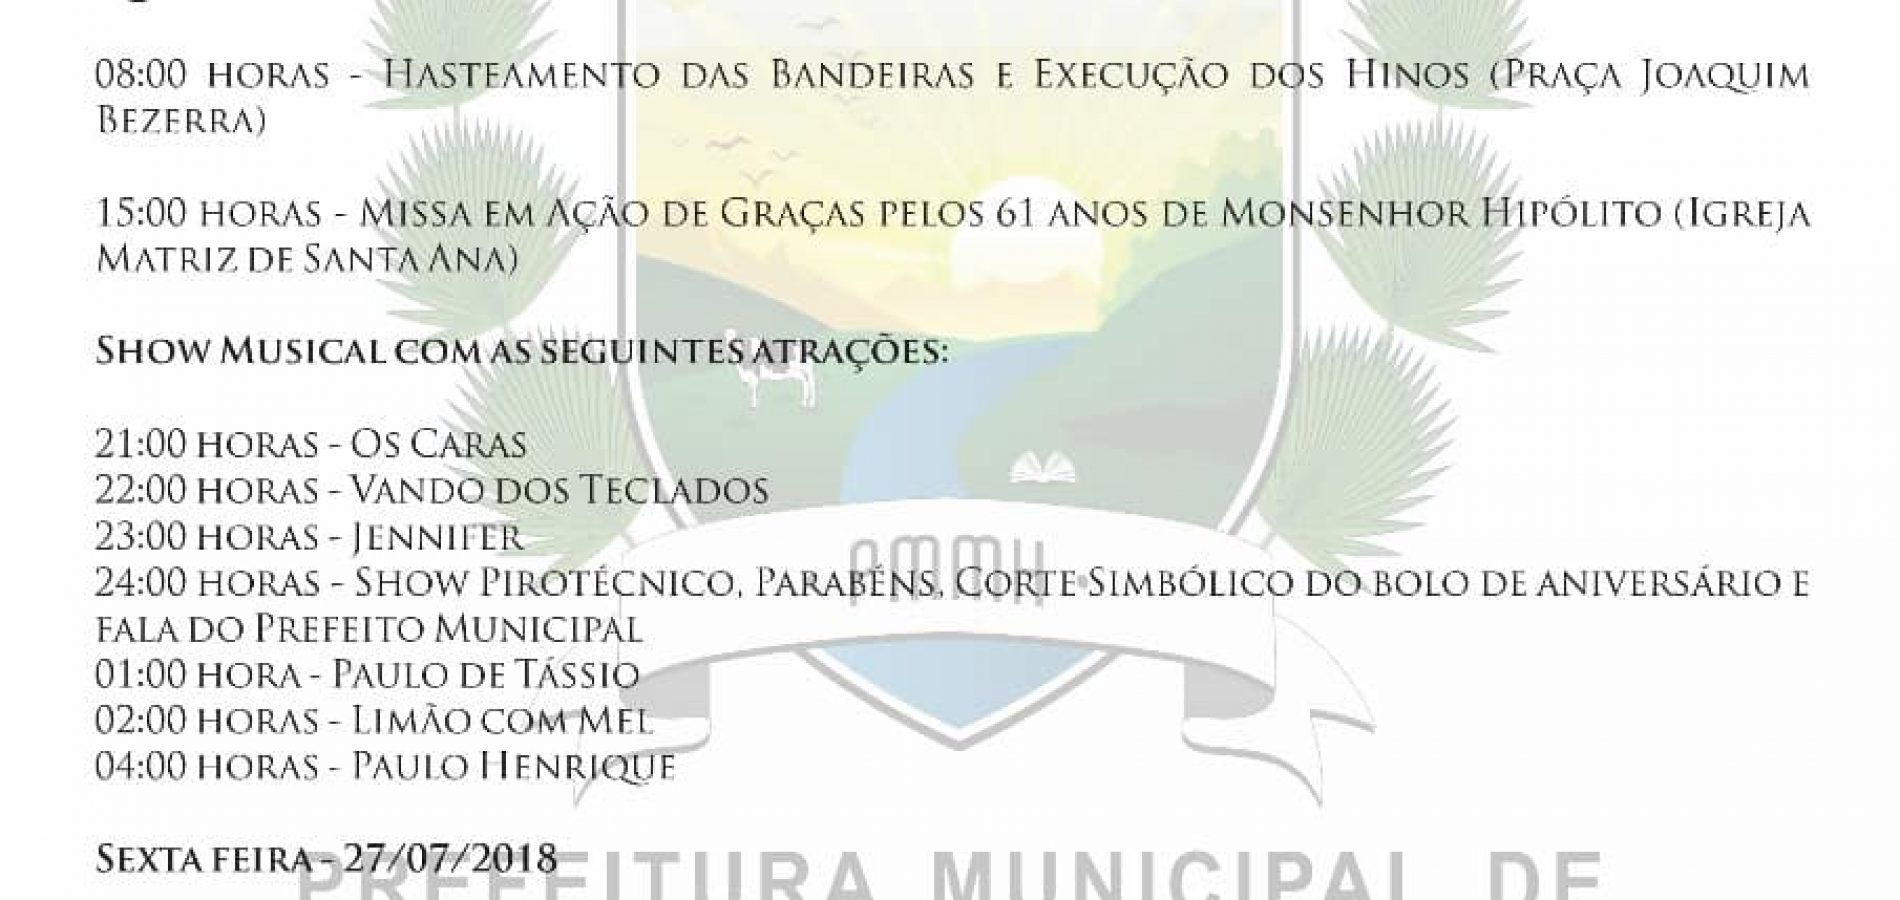 Prefeito Zenon Bezerra divulga programação do 61° aniversário de Monsenhor Hipólito